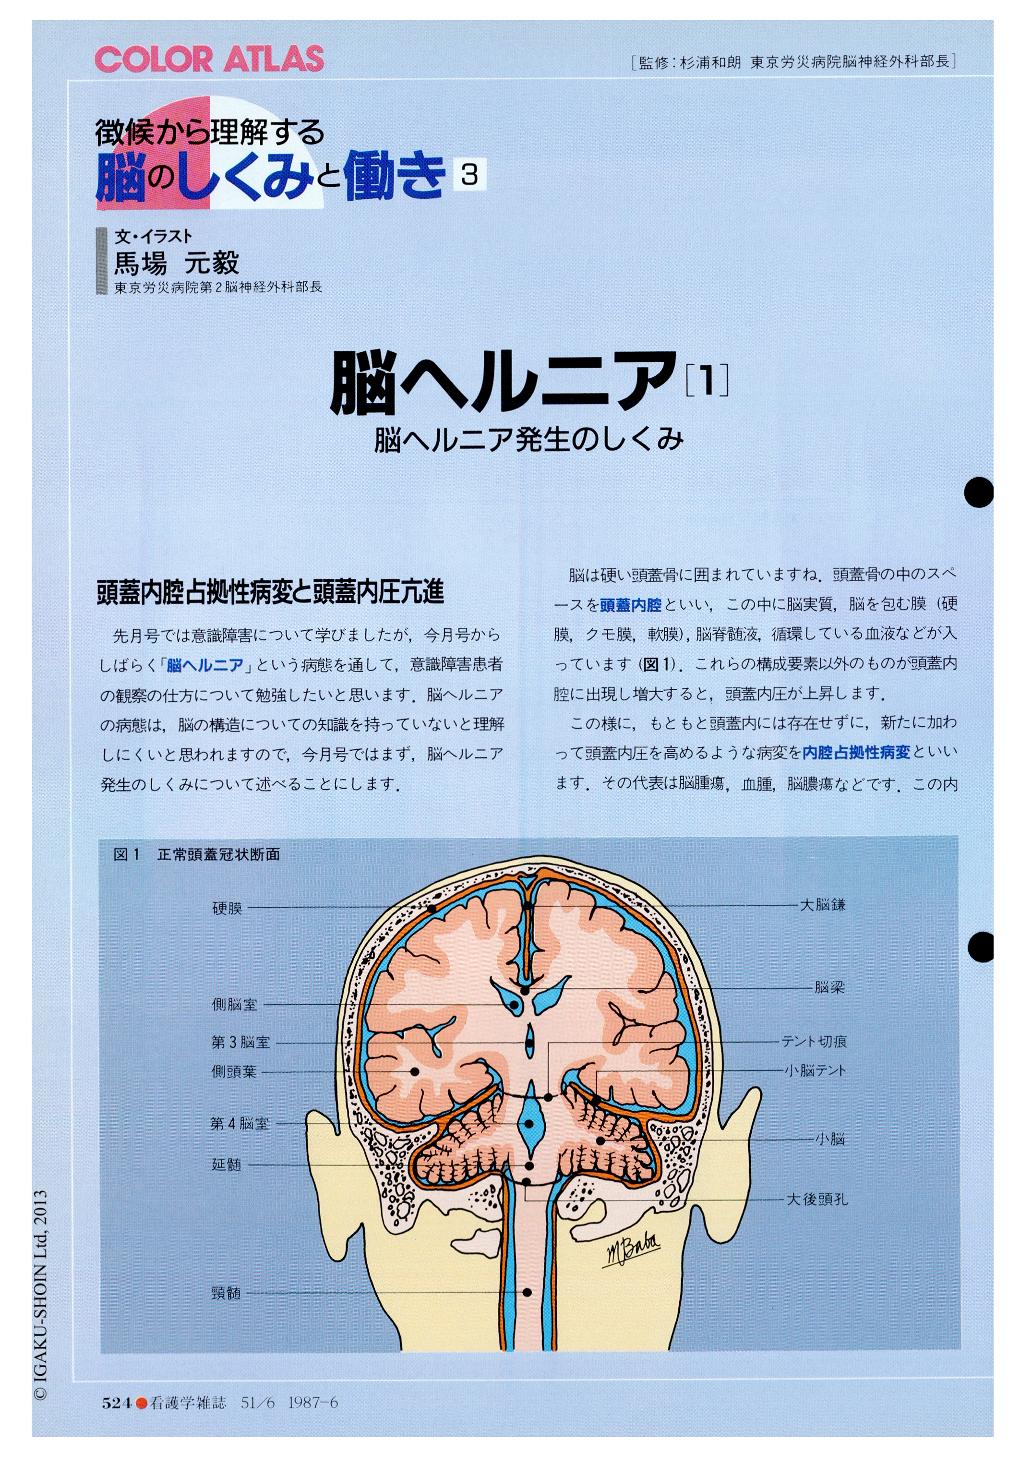 と 脳 は ヘルニア 脳ヘルニアとは〜種類、症状、兆候、余命、回復などの簡単まとめ